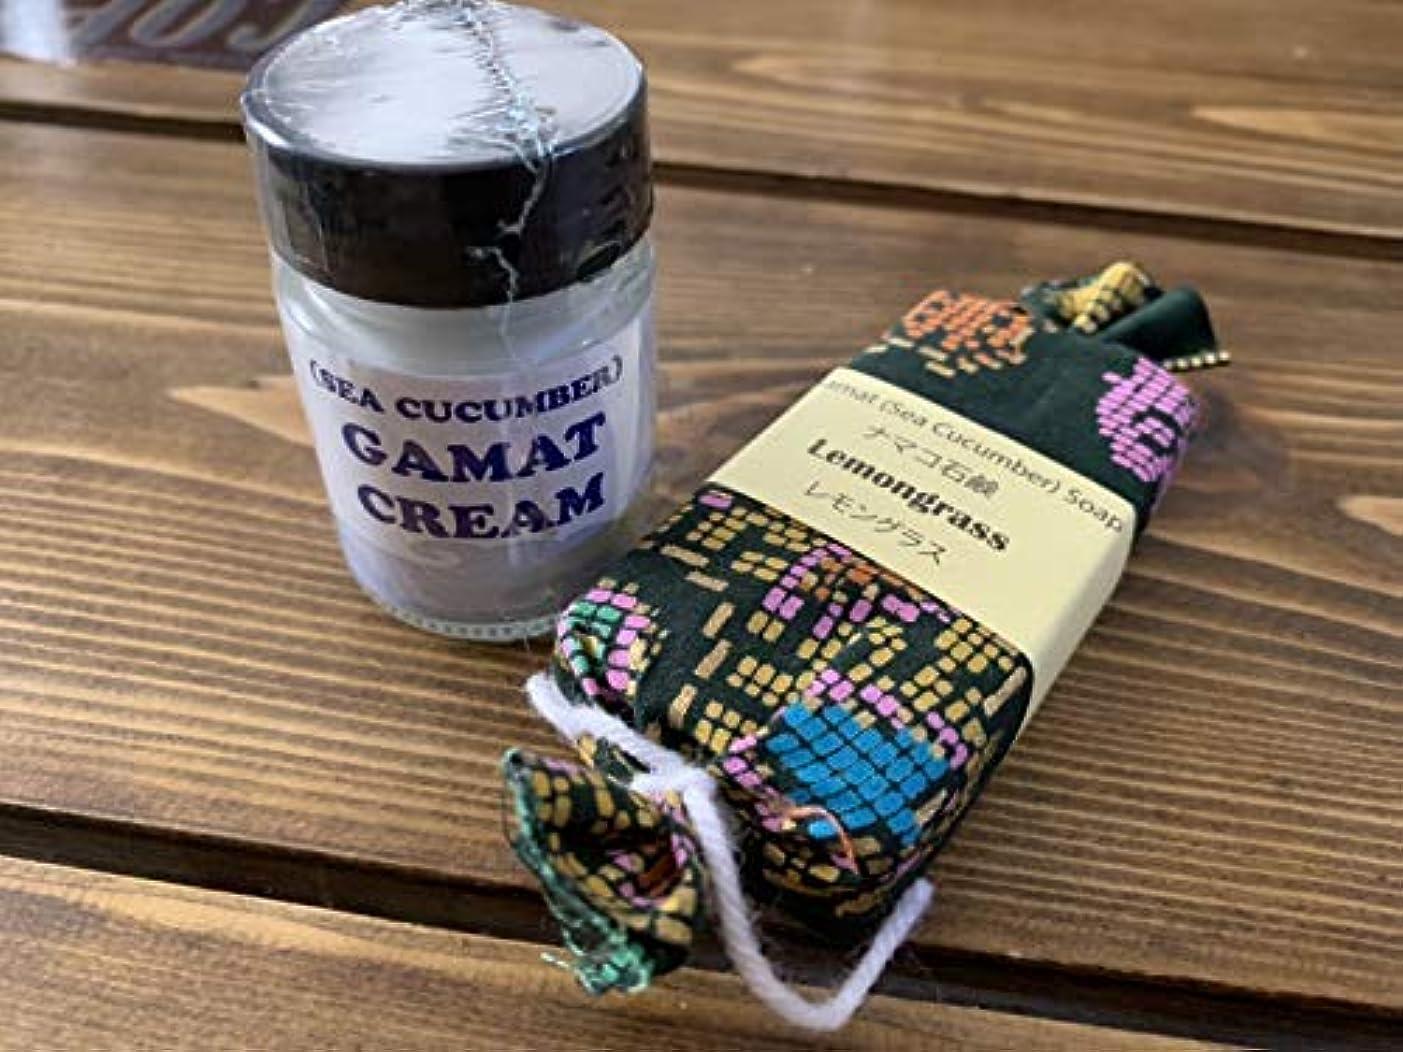 報奨金補う発音するなまこ石鹸 (レモングラス)【45g】&なまこクリーム【20g】**お得セット** Gamat(Sea Cucumber) Soap Lemongrass & Gamat(Sea Cucumber) Cream Set...